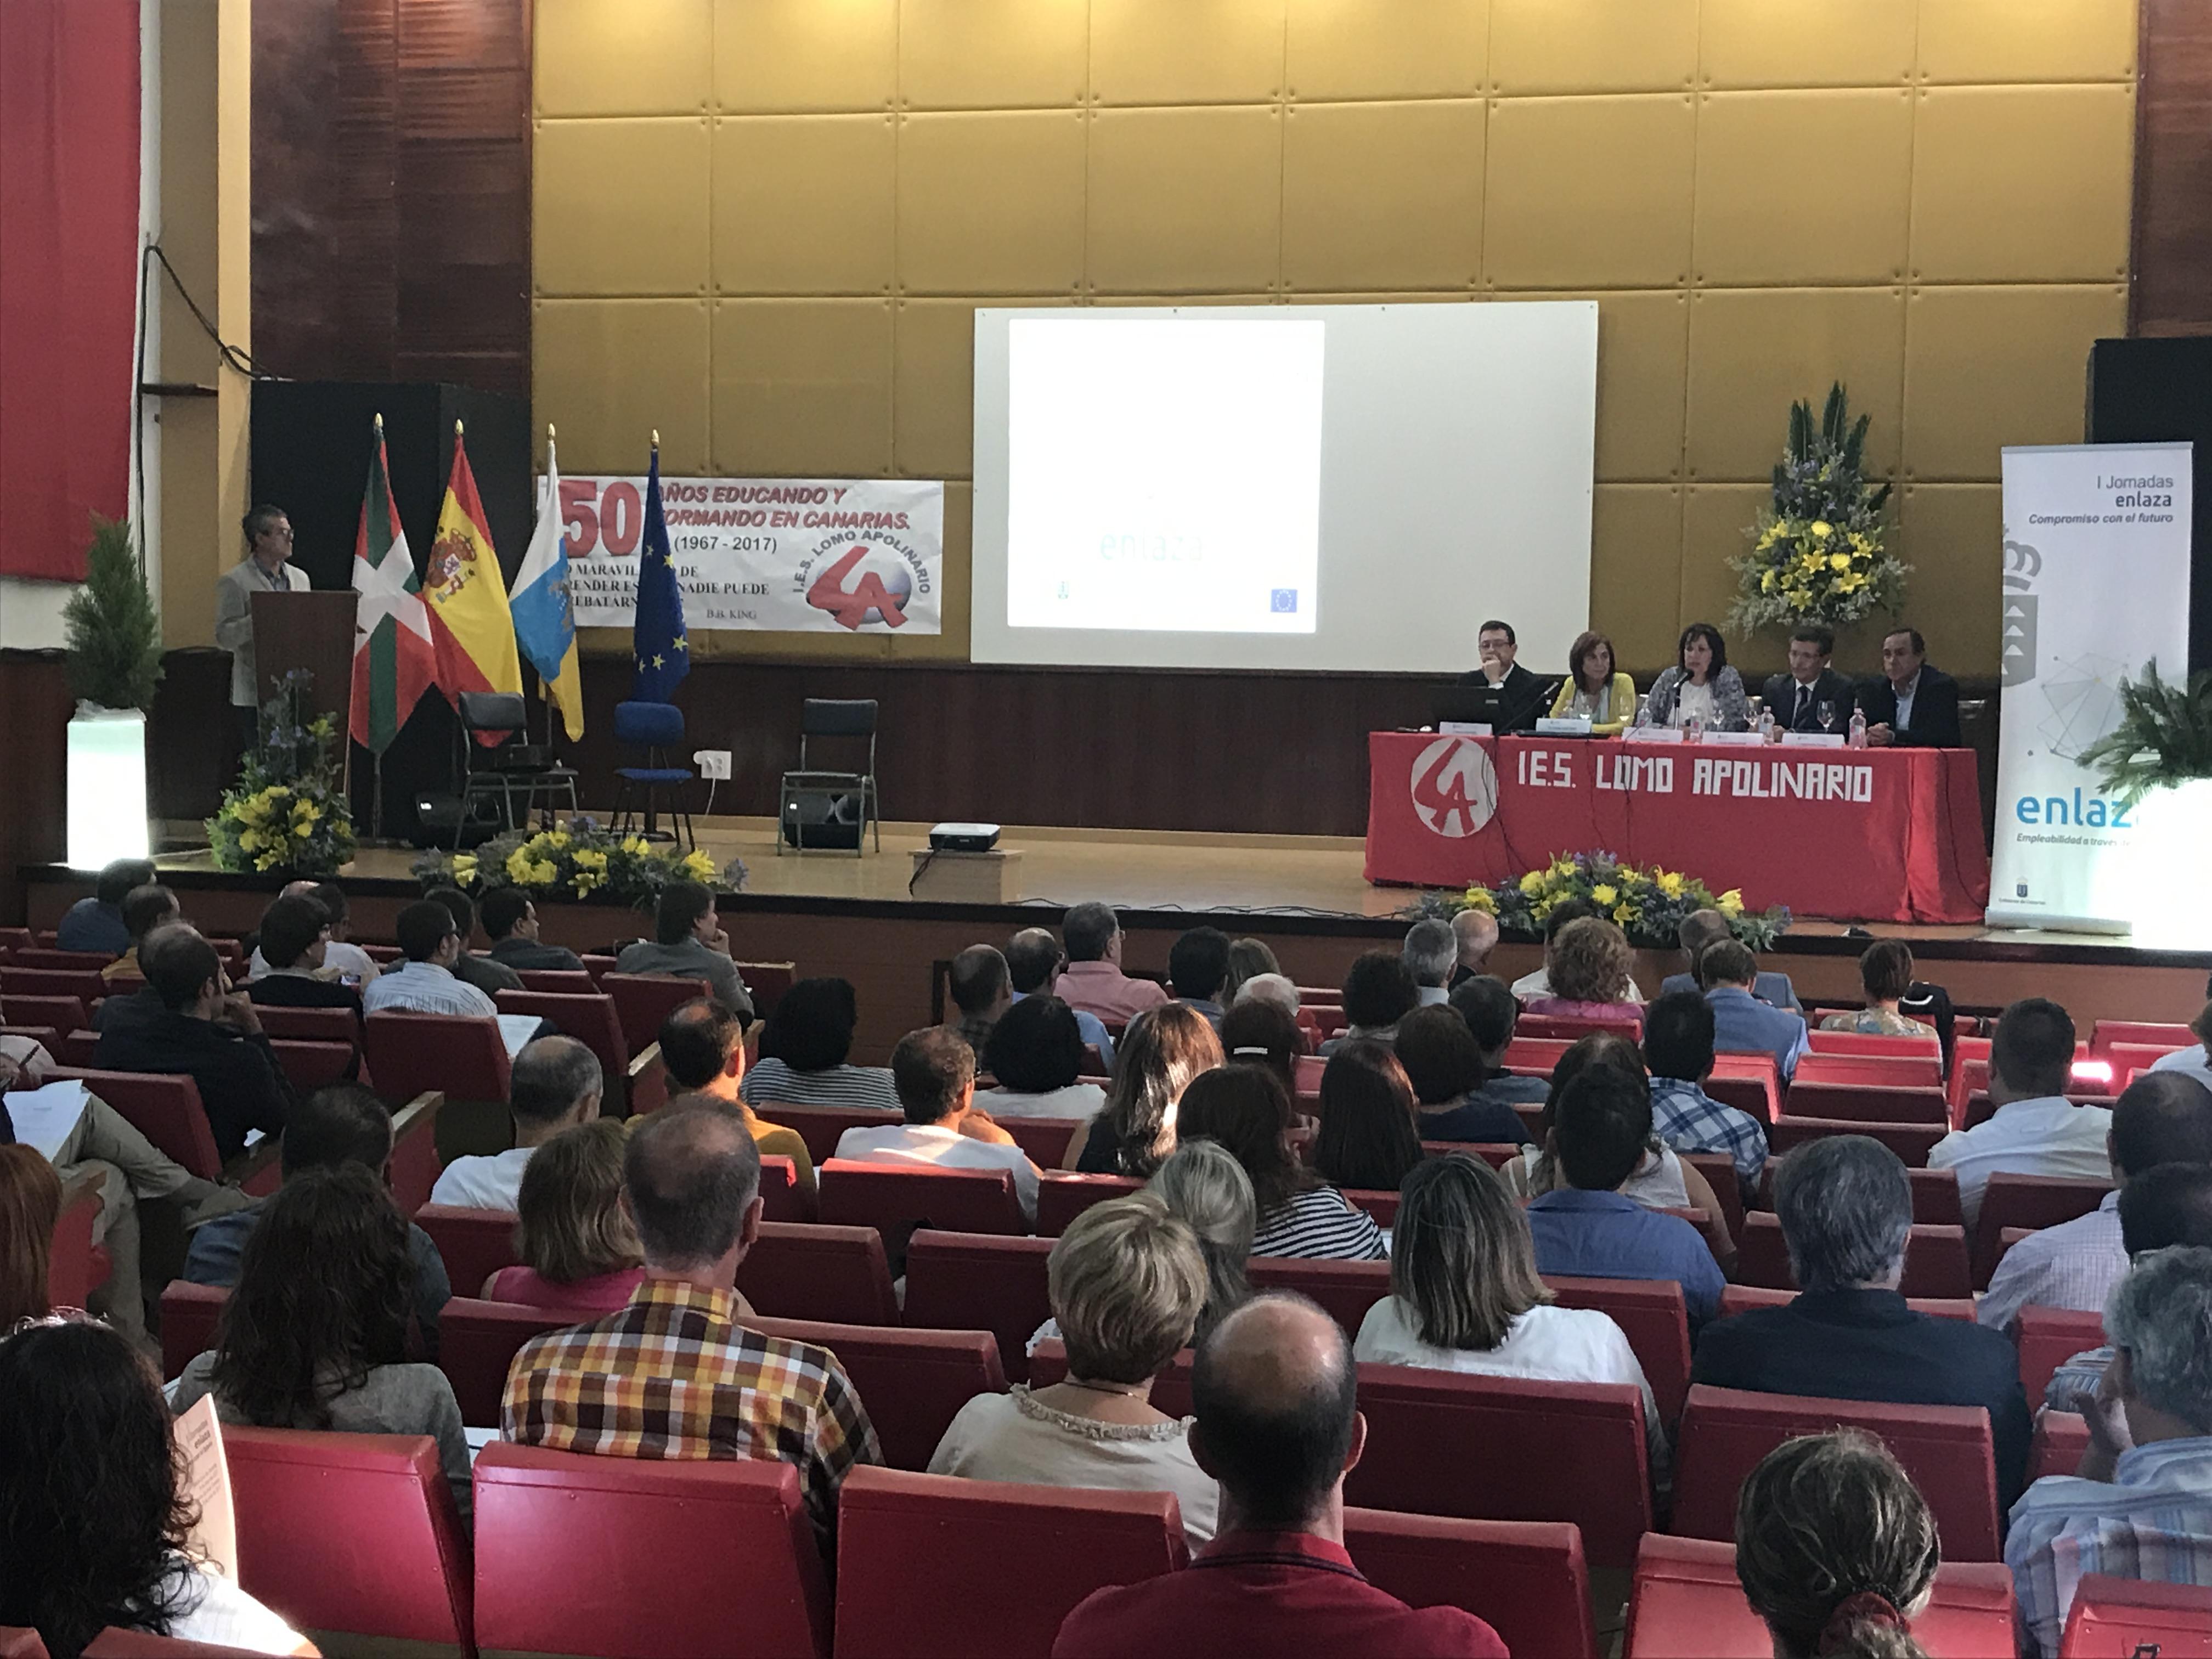 conferencia.jpg